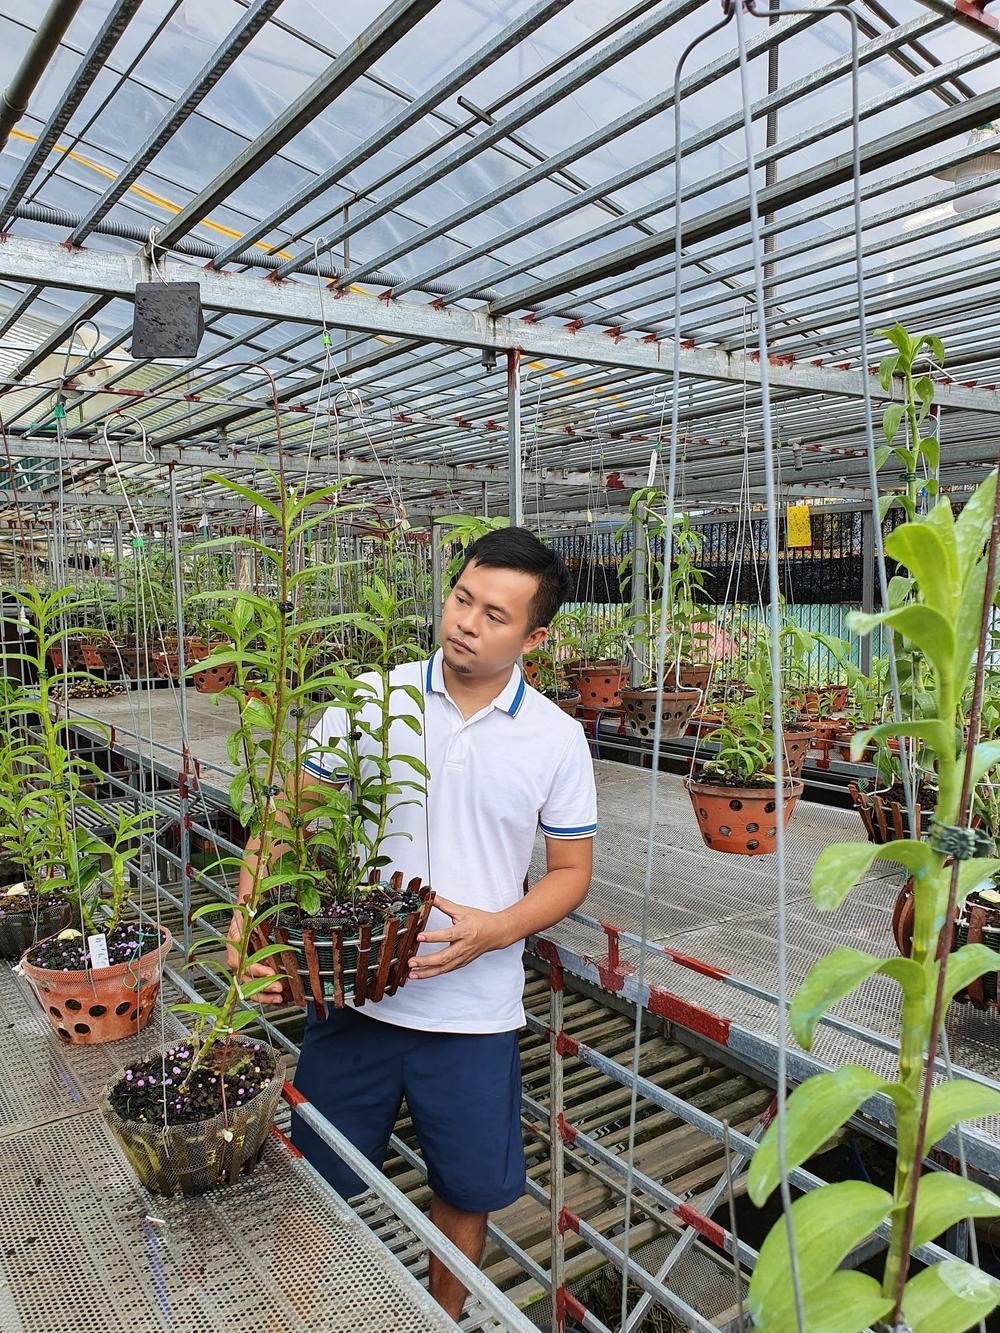 Ông chủ vườn lan Dương Xuân Tú thành công nhờ đam mê từ nhỏ Ảnh 1